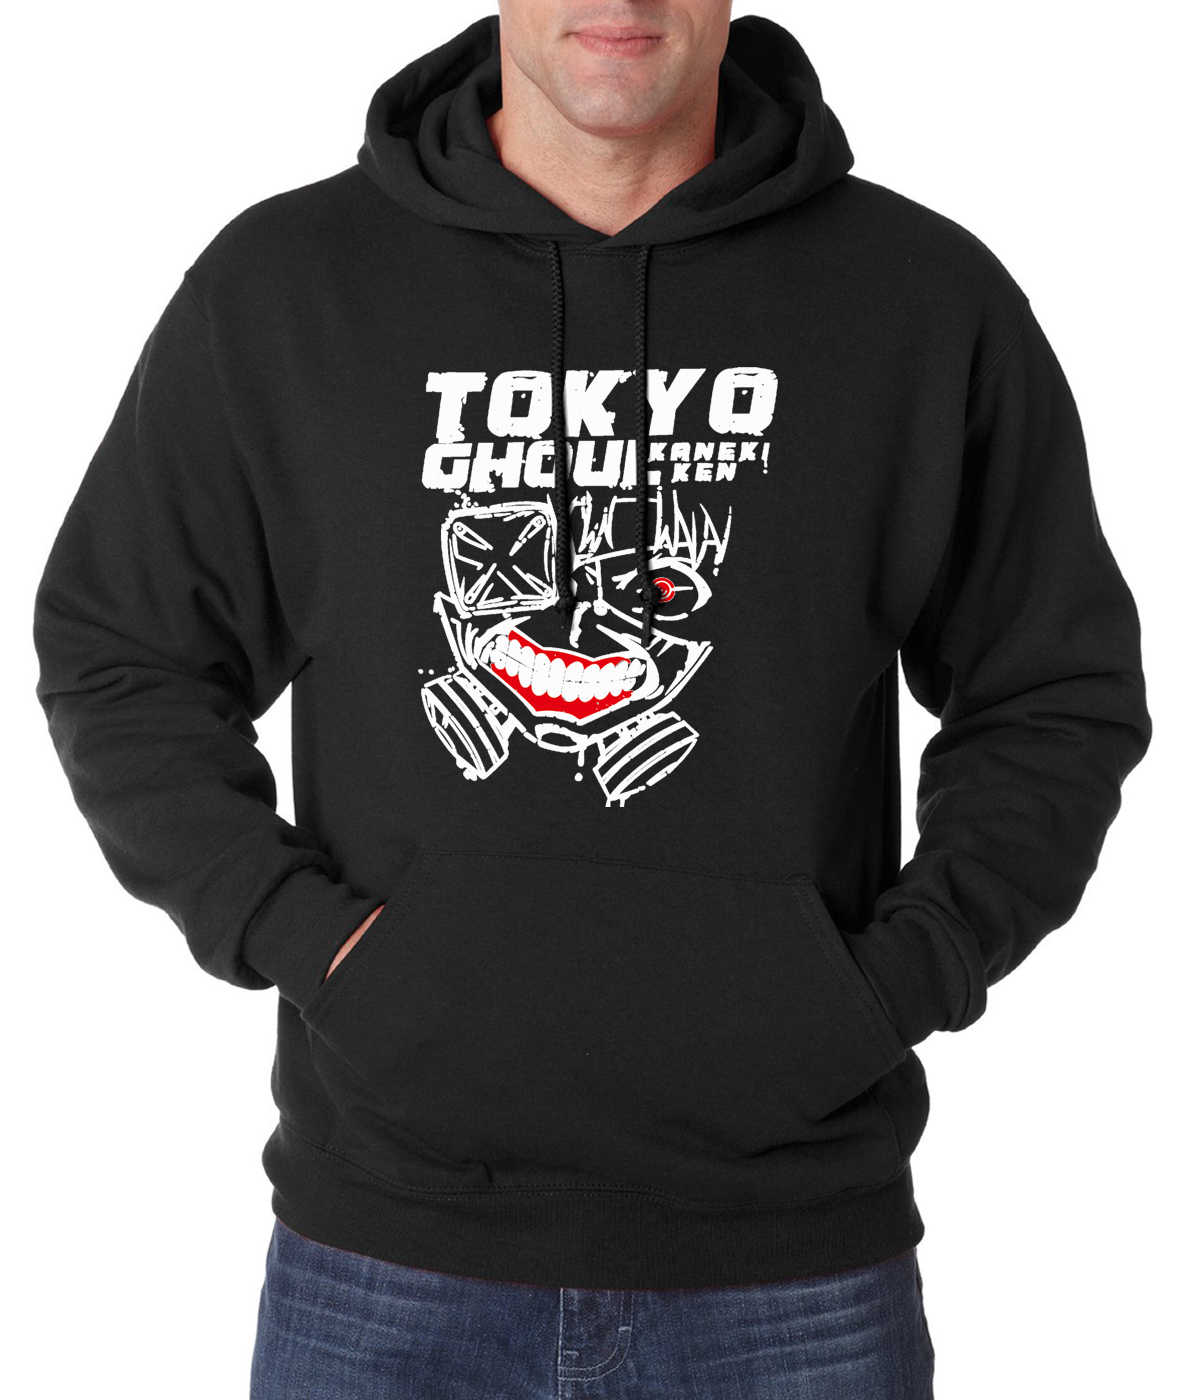 Anime Tokyo Ghoul Kaneki Ken Fashion Men Hoodies 2019 New Autumn Men Sweatshirts Fleece Hoodie Men Harajuku Men's Tracksuit